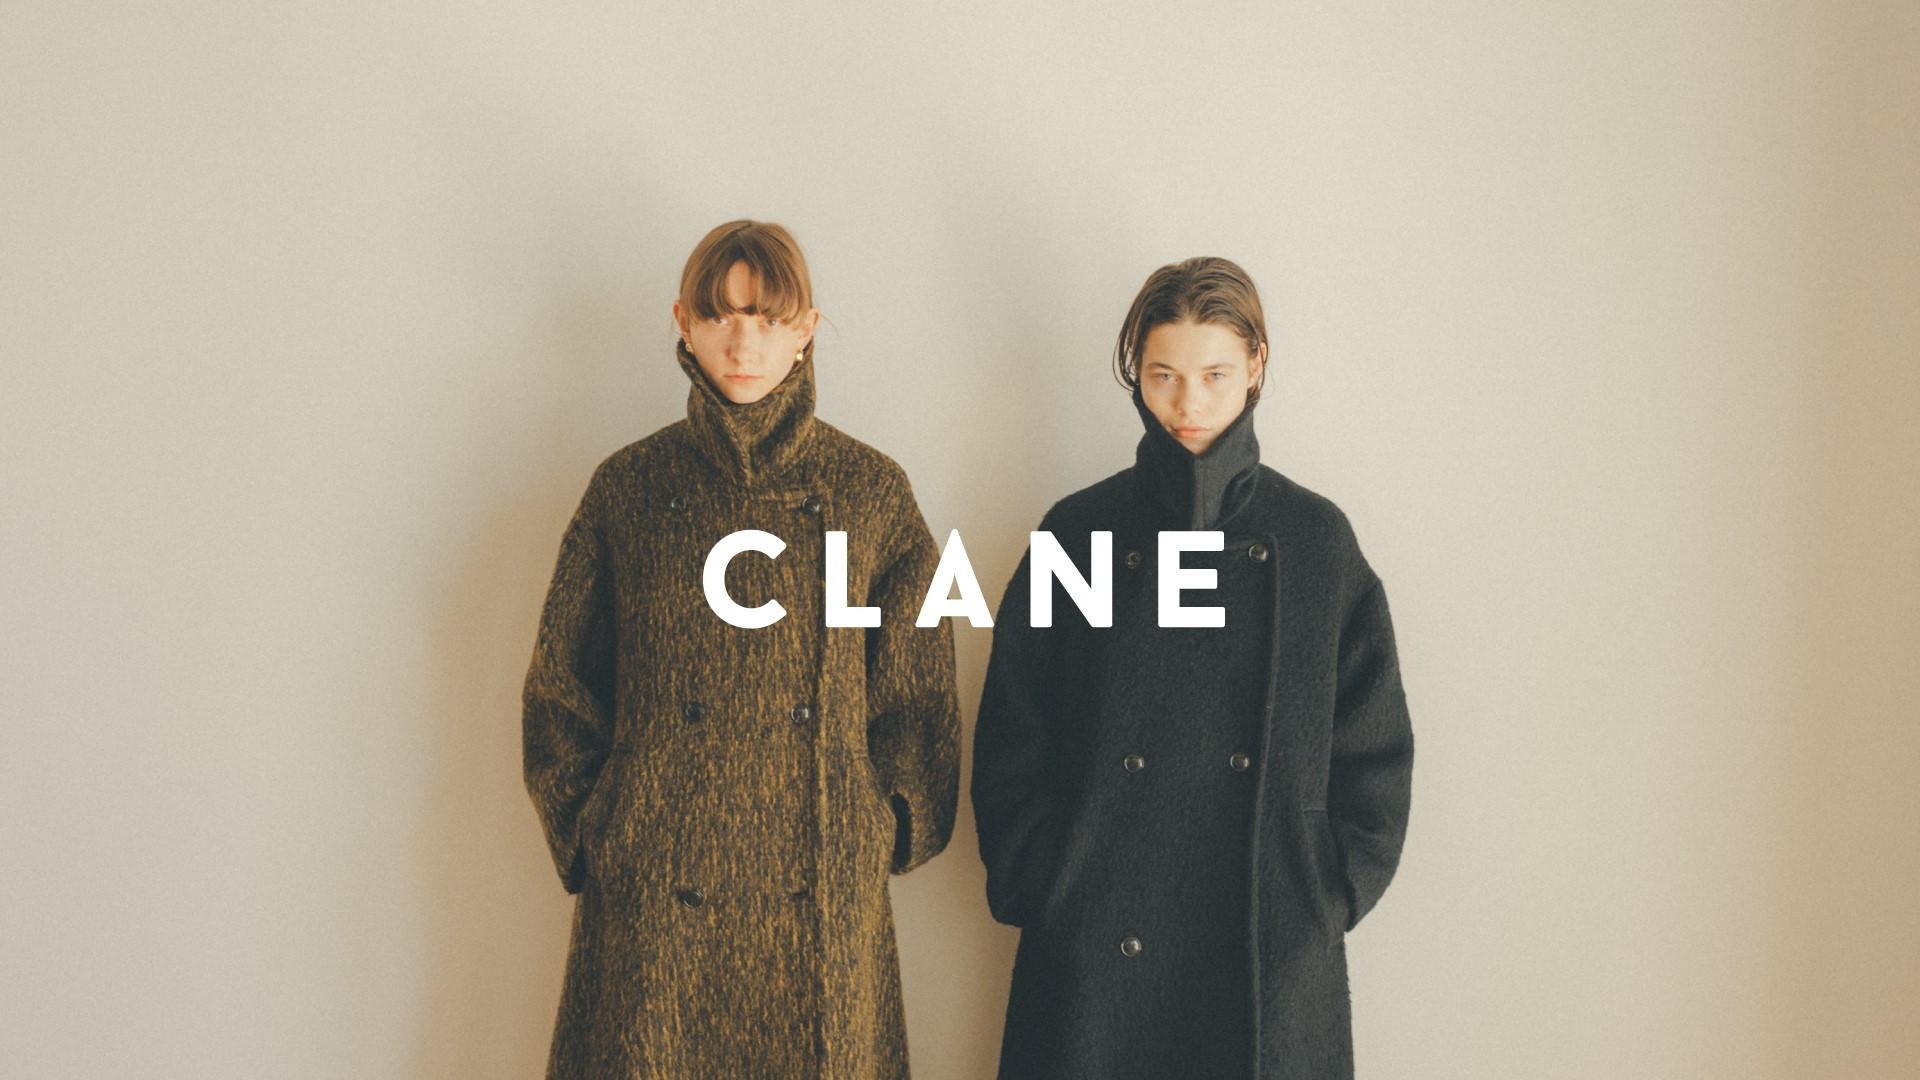 【EC担当】CLANE 自社EC〜外部モールの企画・運営アシスタント! 東京のカバー写真